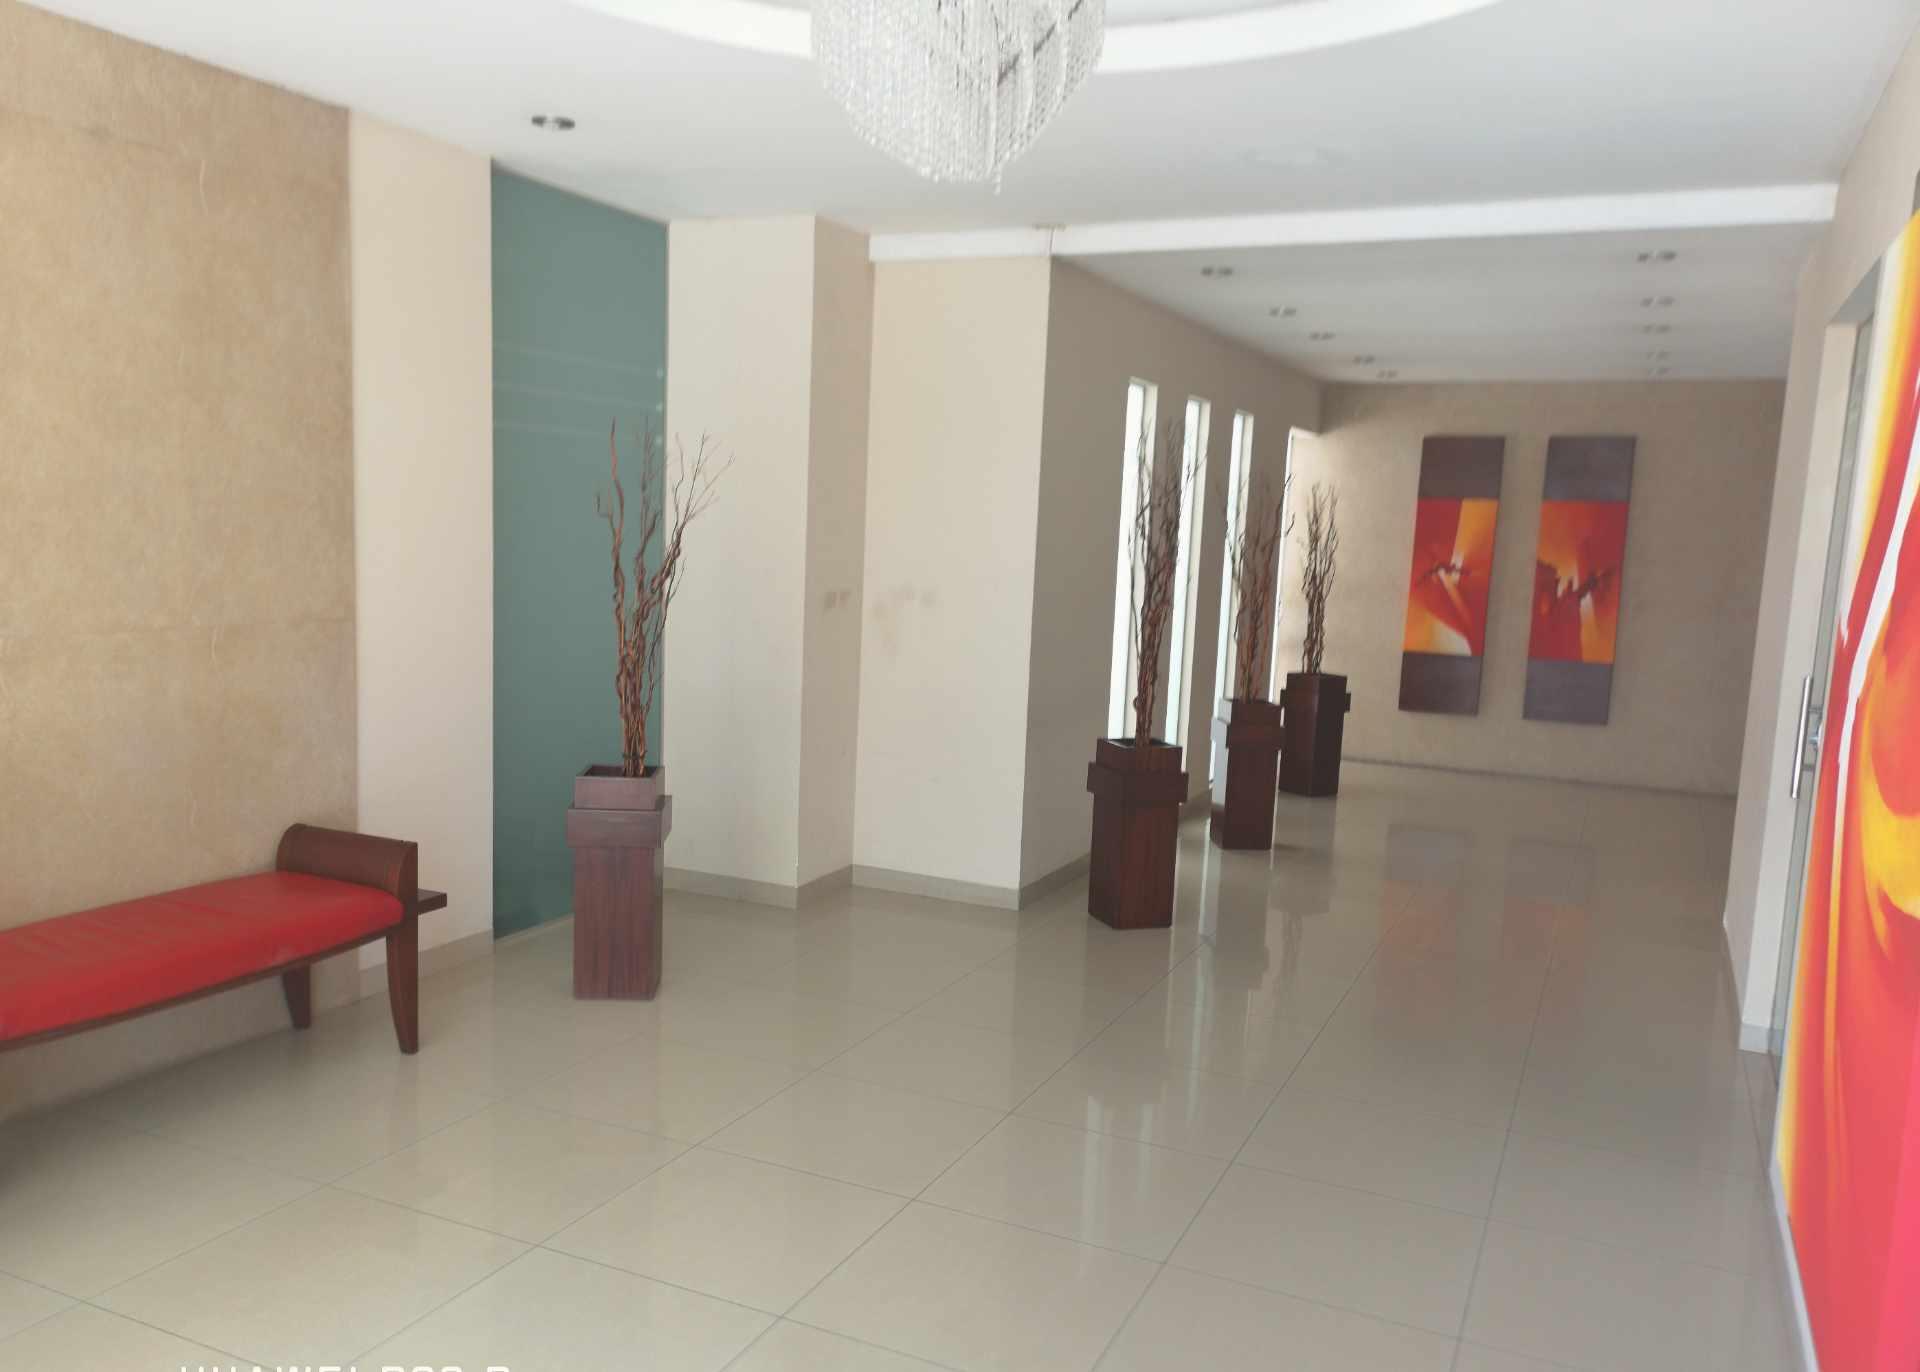 Departamento en Alquiler EDIF. ANTAIRE - C/ GUALBERTO VILLARROEL Foto 7